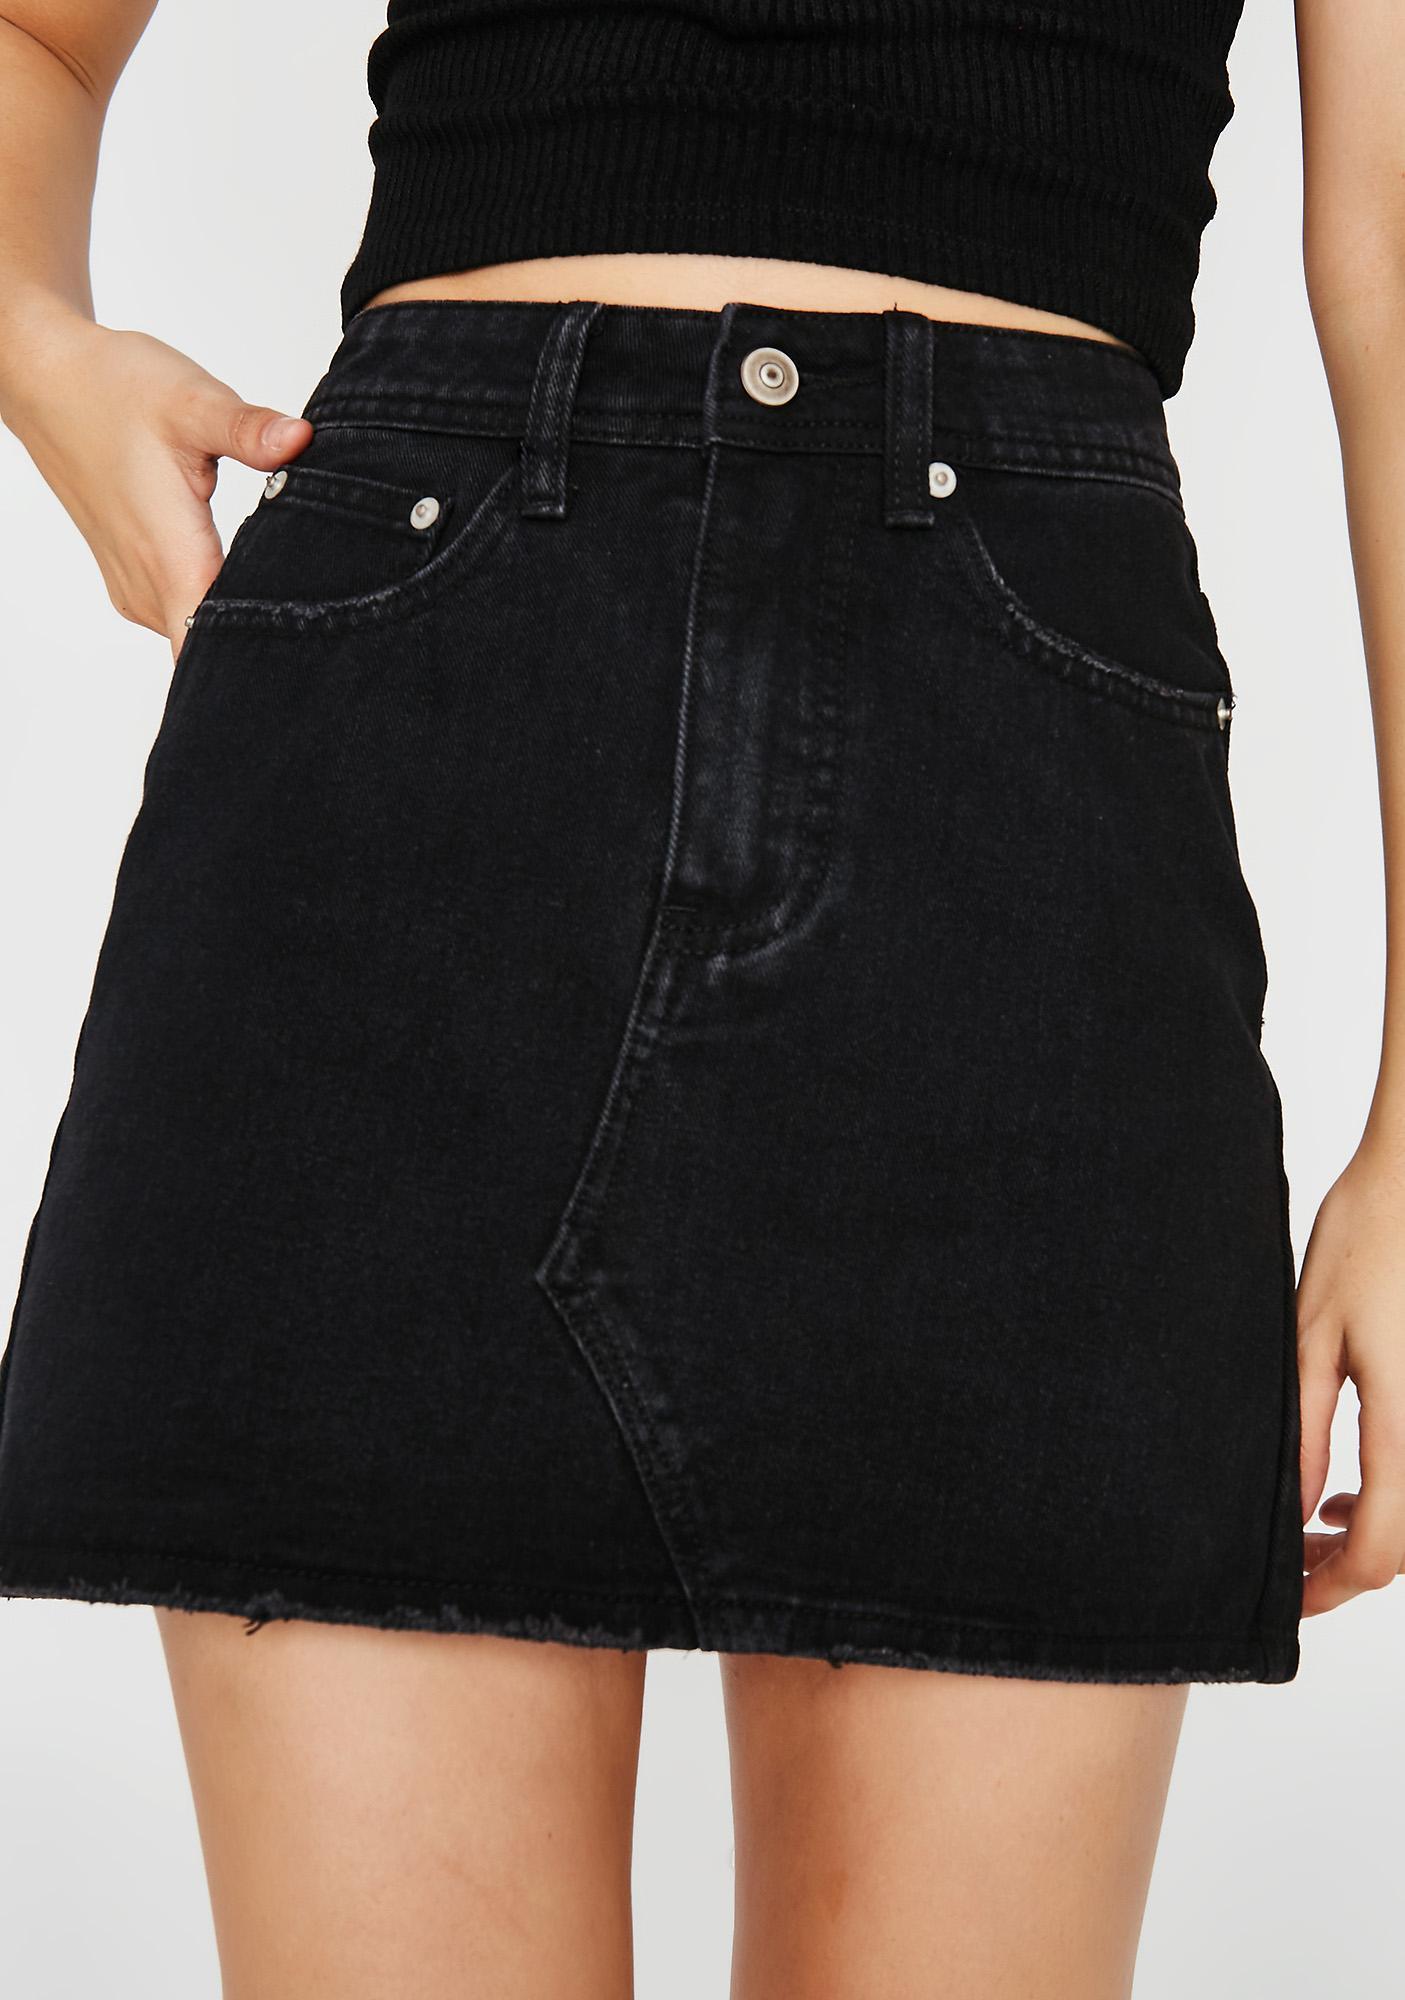 More To Love Denim Skirt